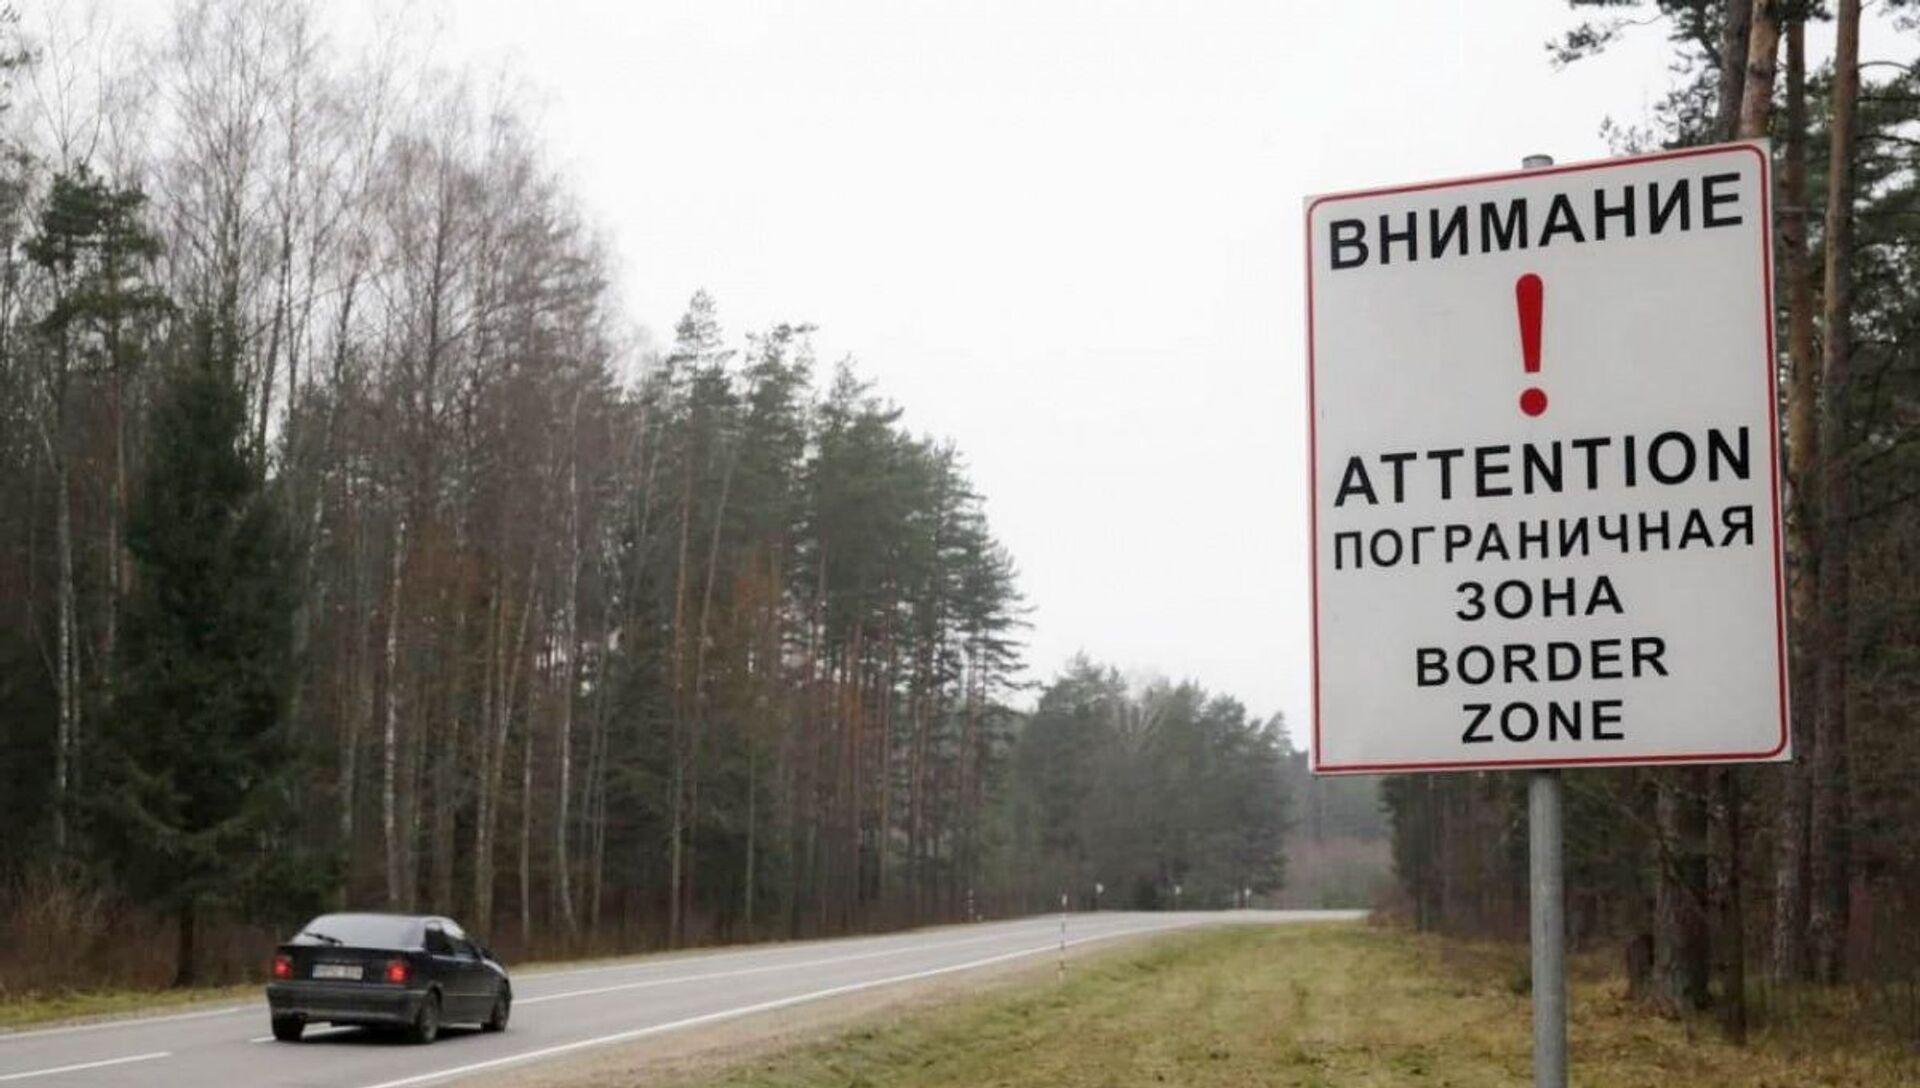 Иностранцы пытались попасть через Беларусь в ЕС - Sputnik Беларусь, 1920, 02.04.2021